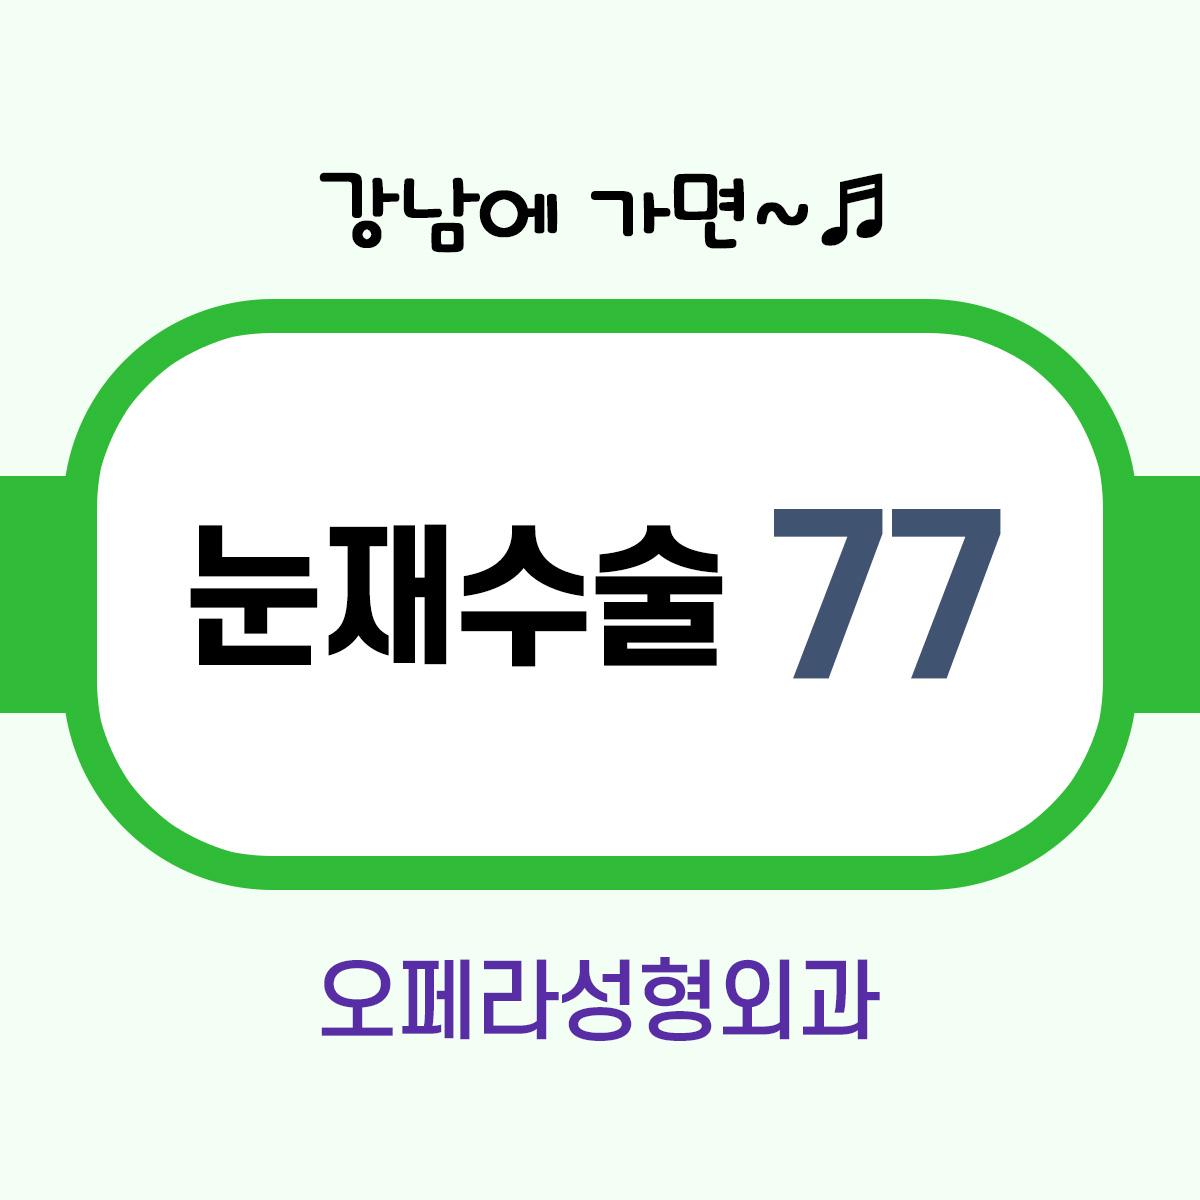 79024b328d8db8cb3d85124a2953c484